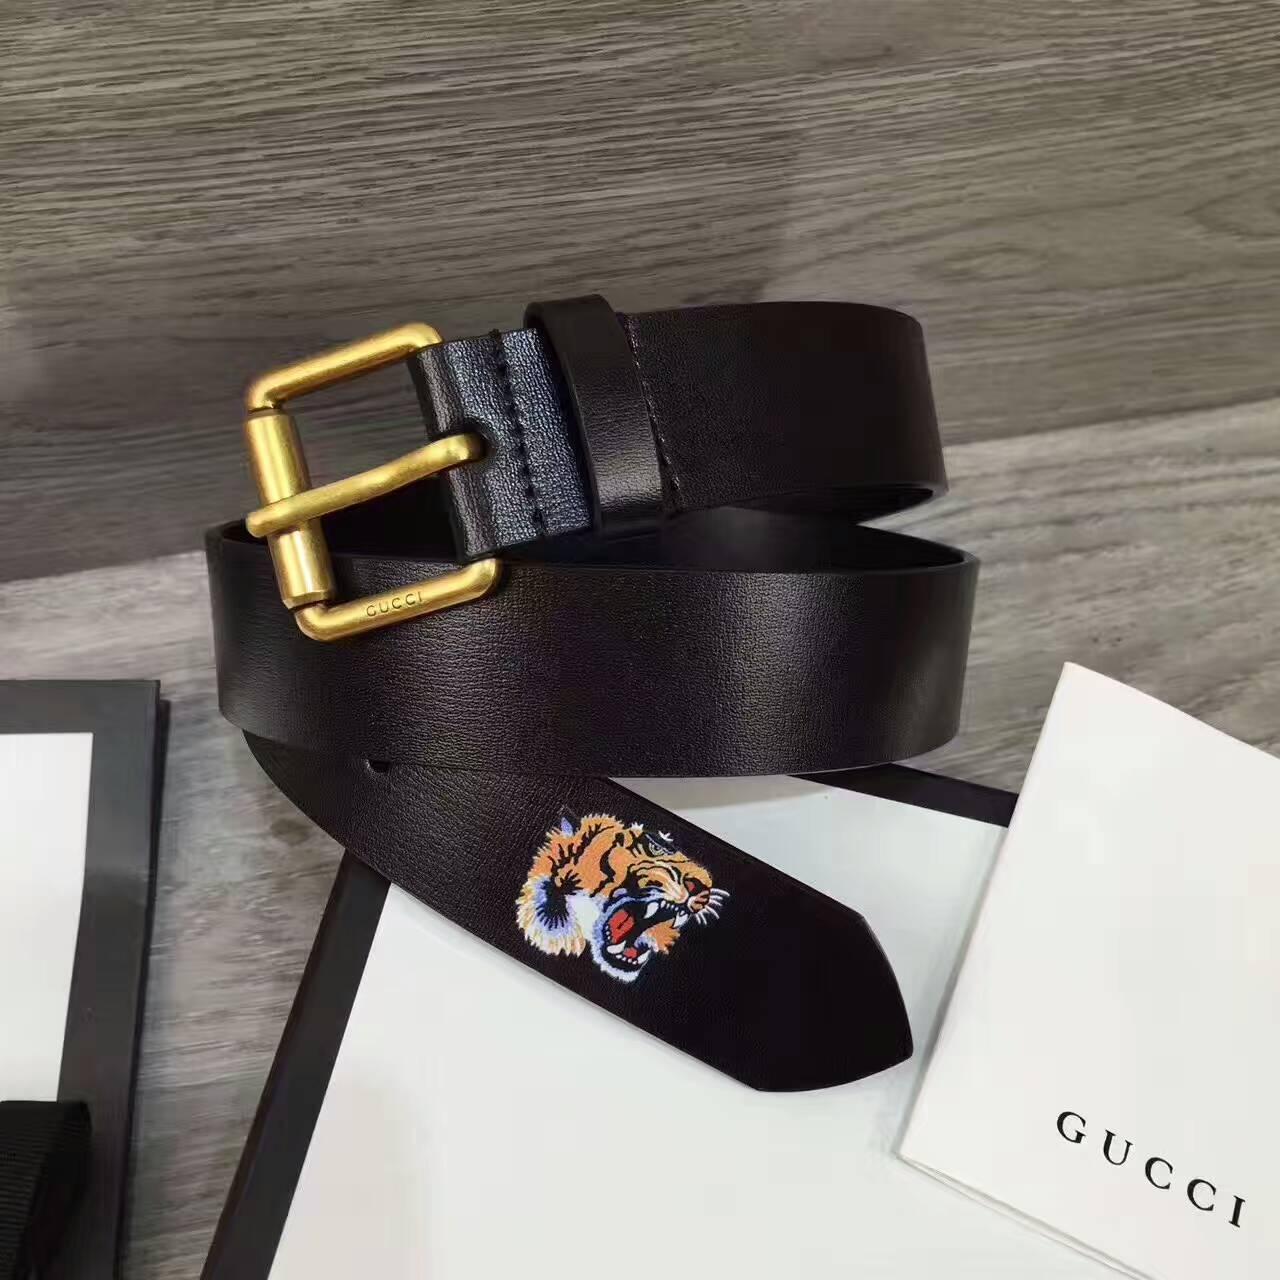 Trao đổi thắt lưng Gucci đã qua sử dụng từ xa dễ khiến khách hàng mắc lừa